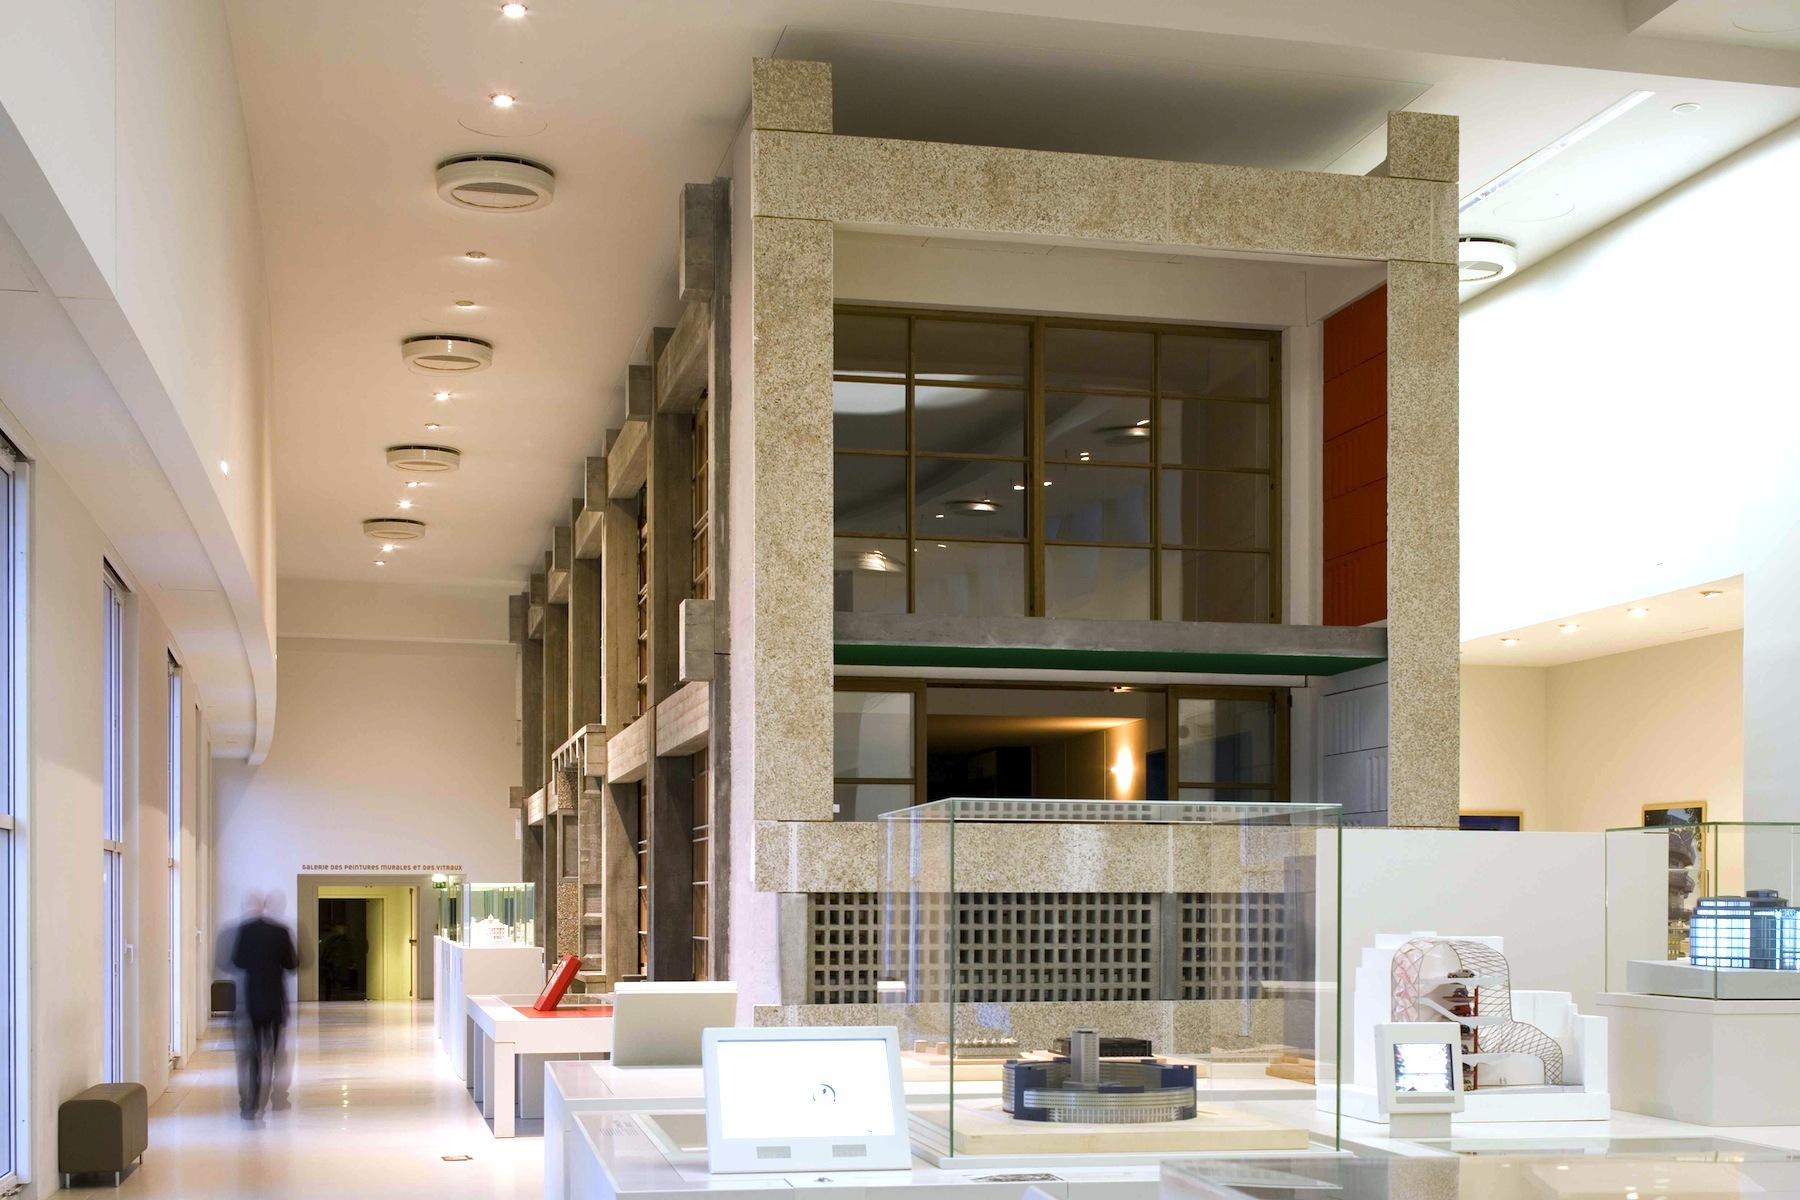 Cité de l'architecture • Unité d'habitation Le Corbusier